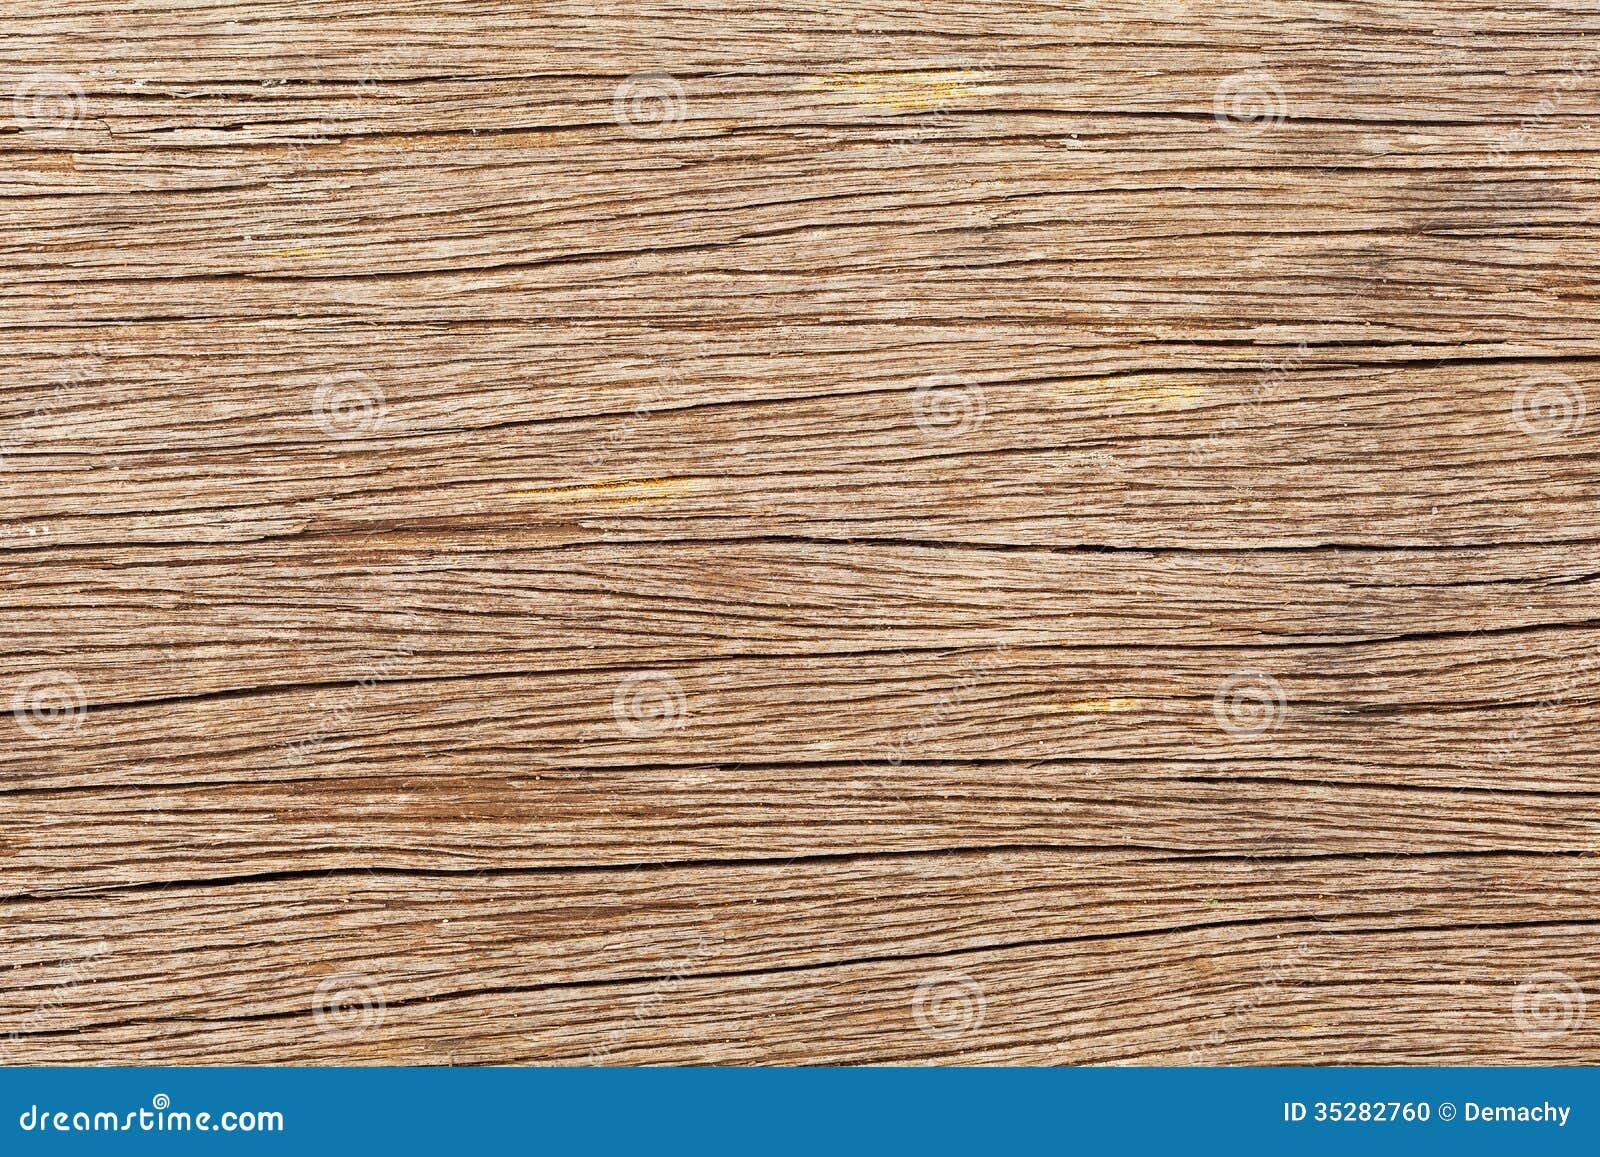 Old Oak Wood Plank Stock Photo Image 35282760